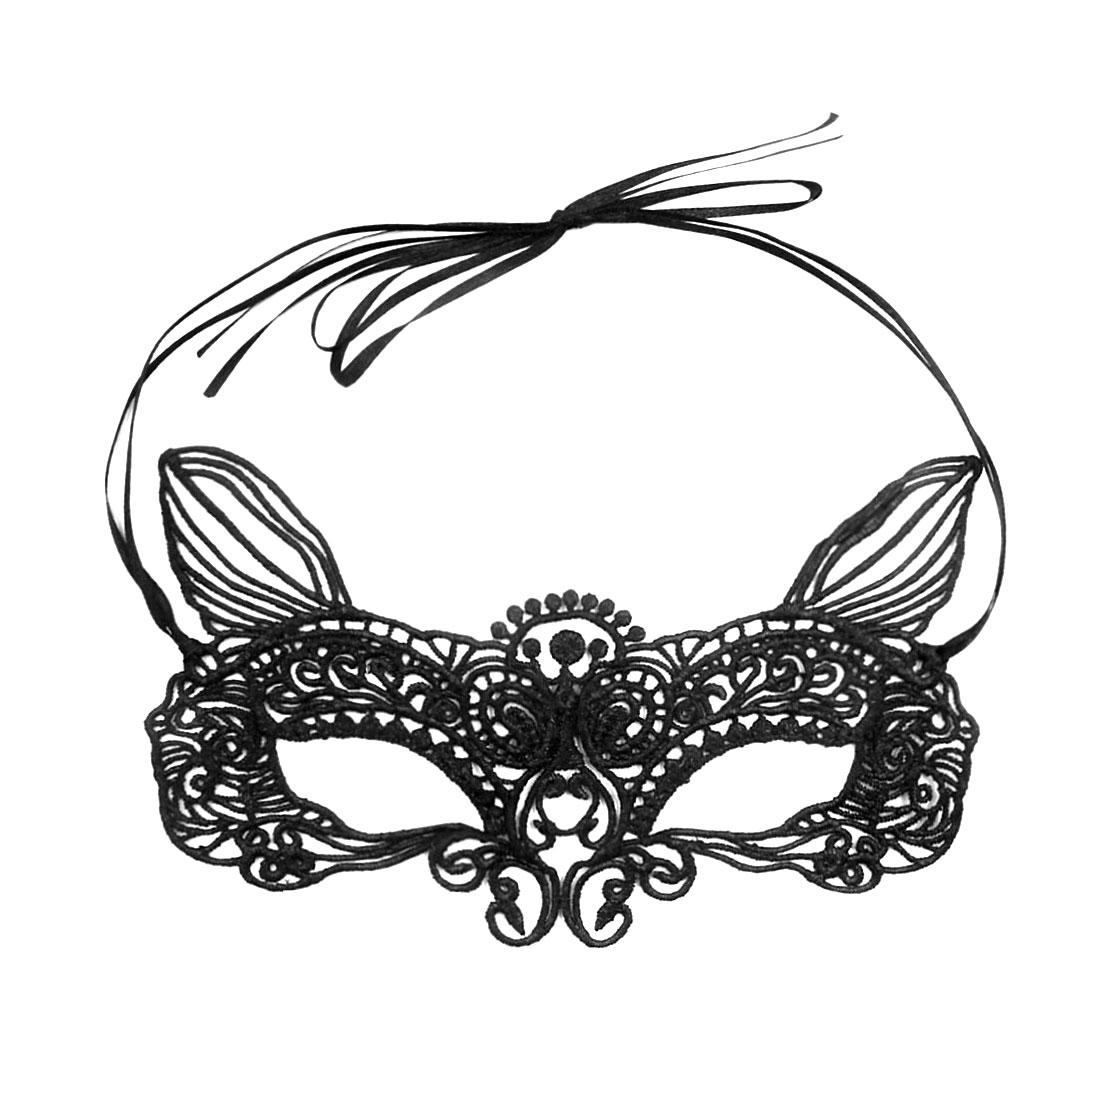 Women Masquerade Crochet Self Tie Cat Ears Party Eye Mask Black